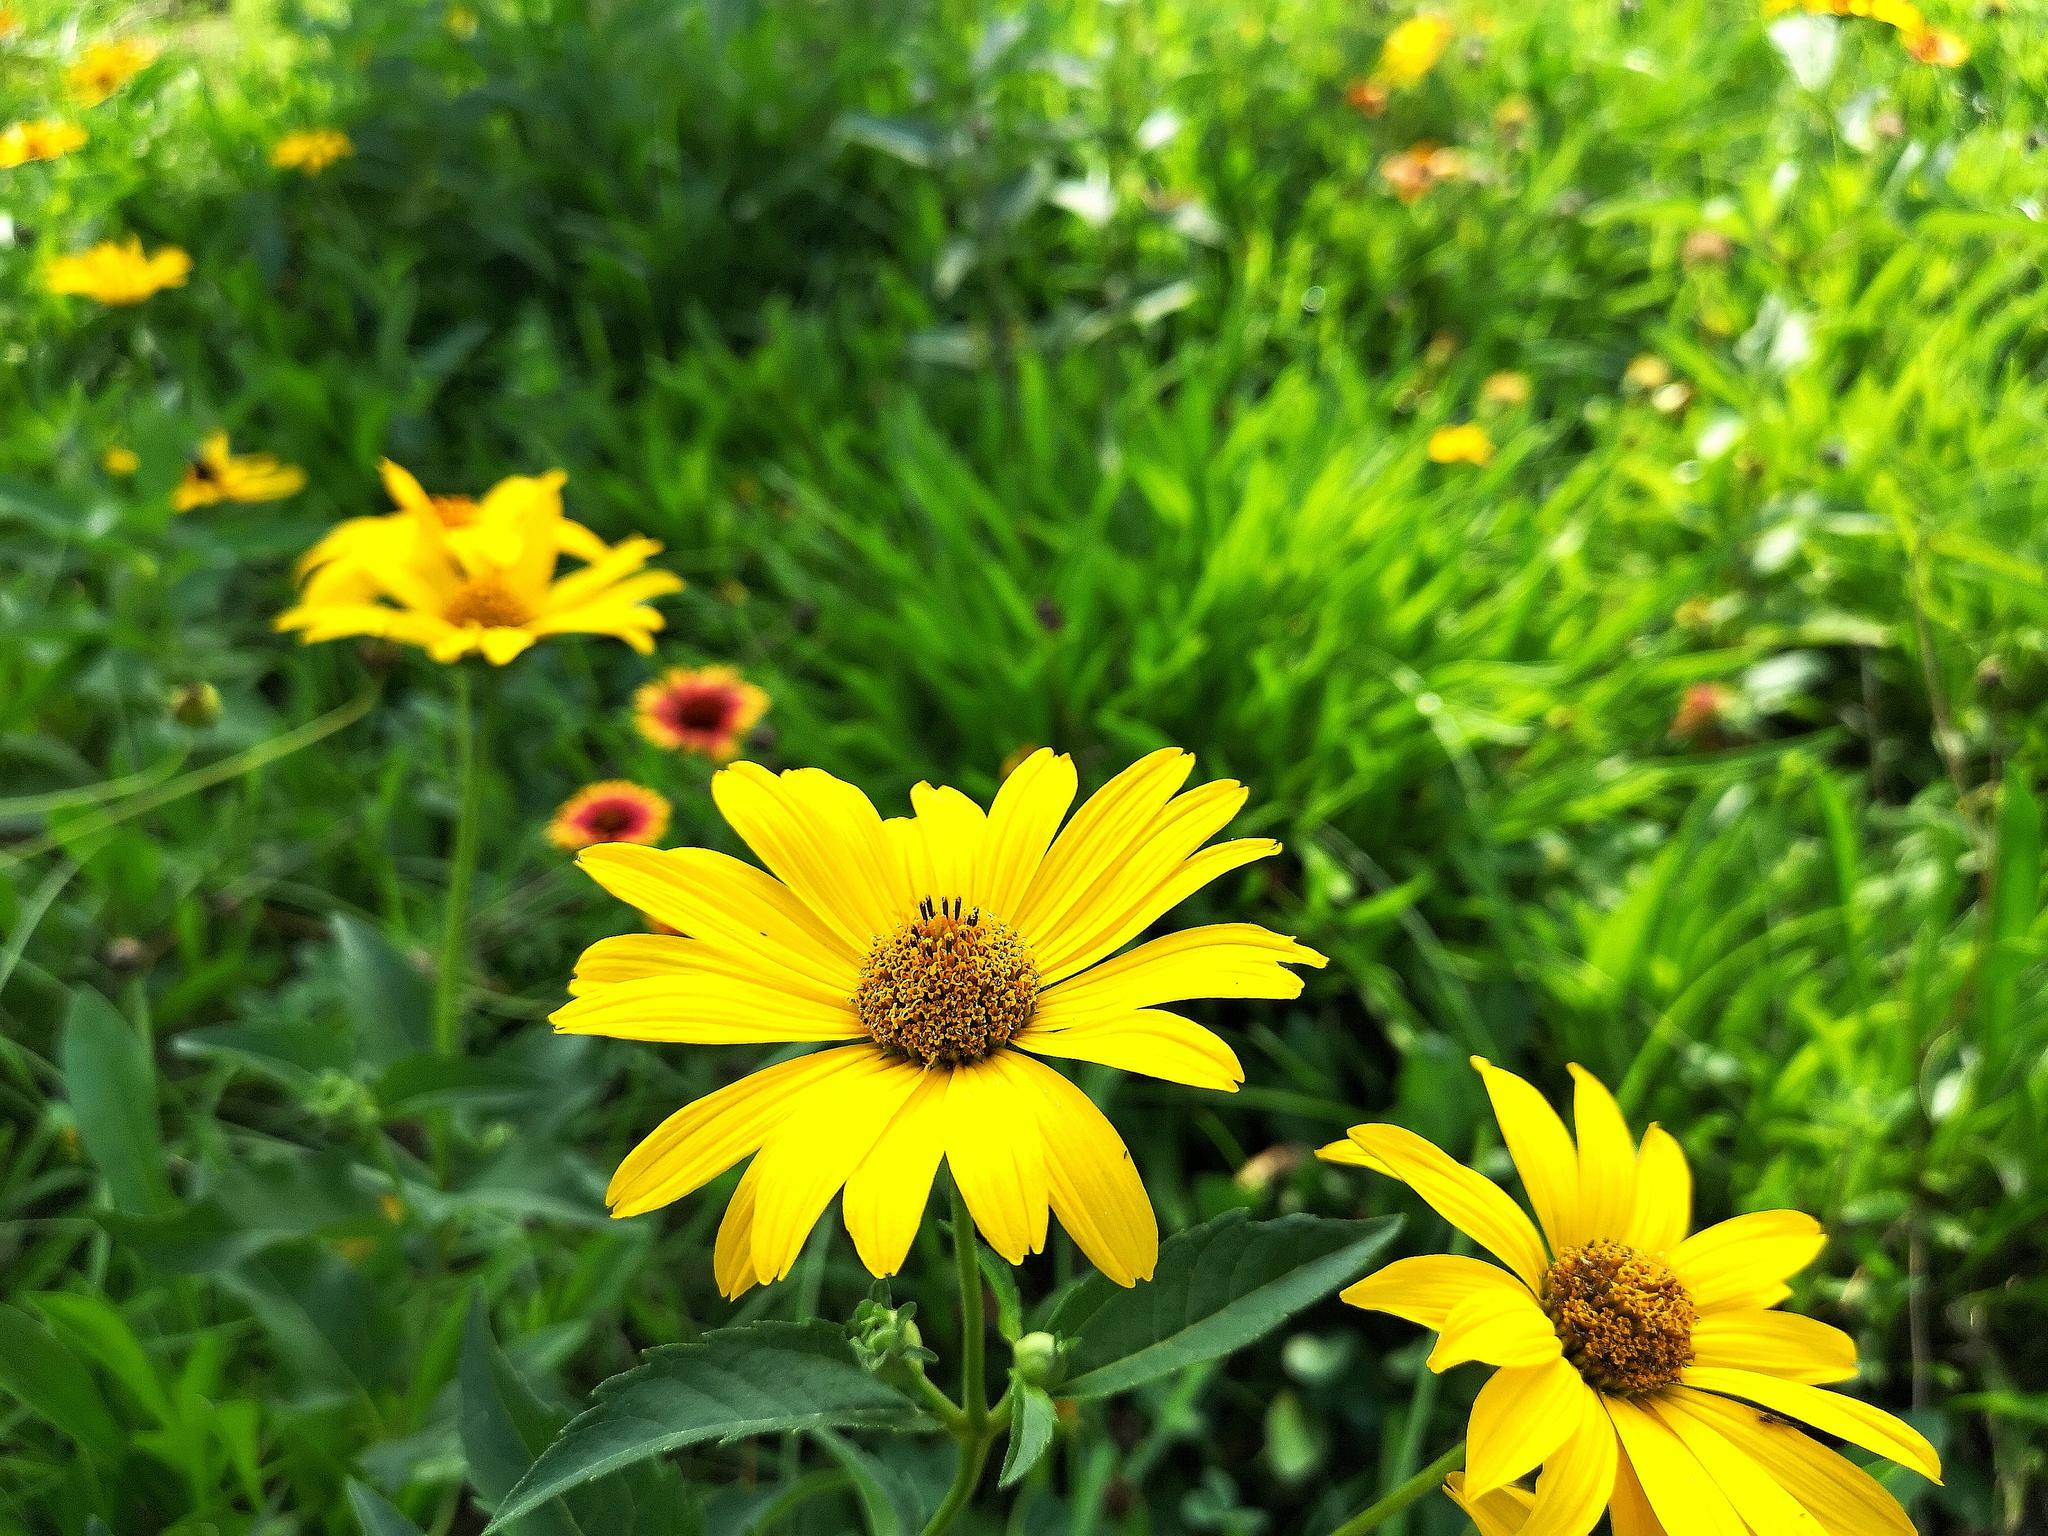 黄色囹�a���_头状花序,单生;舌状片先端渐尖,黄色.